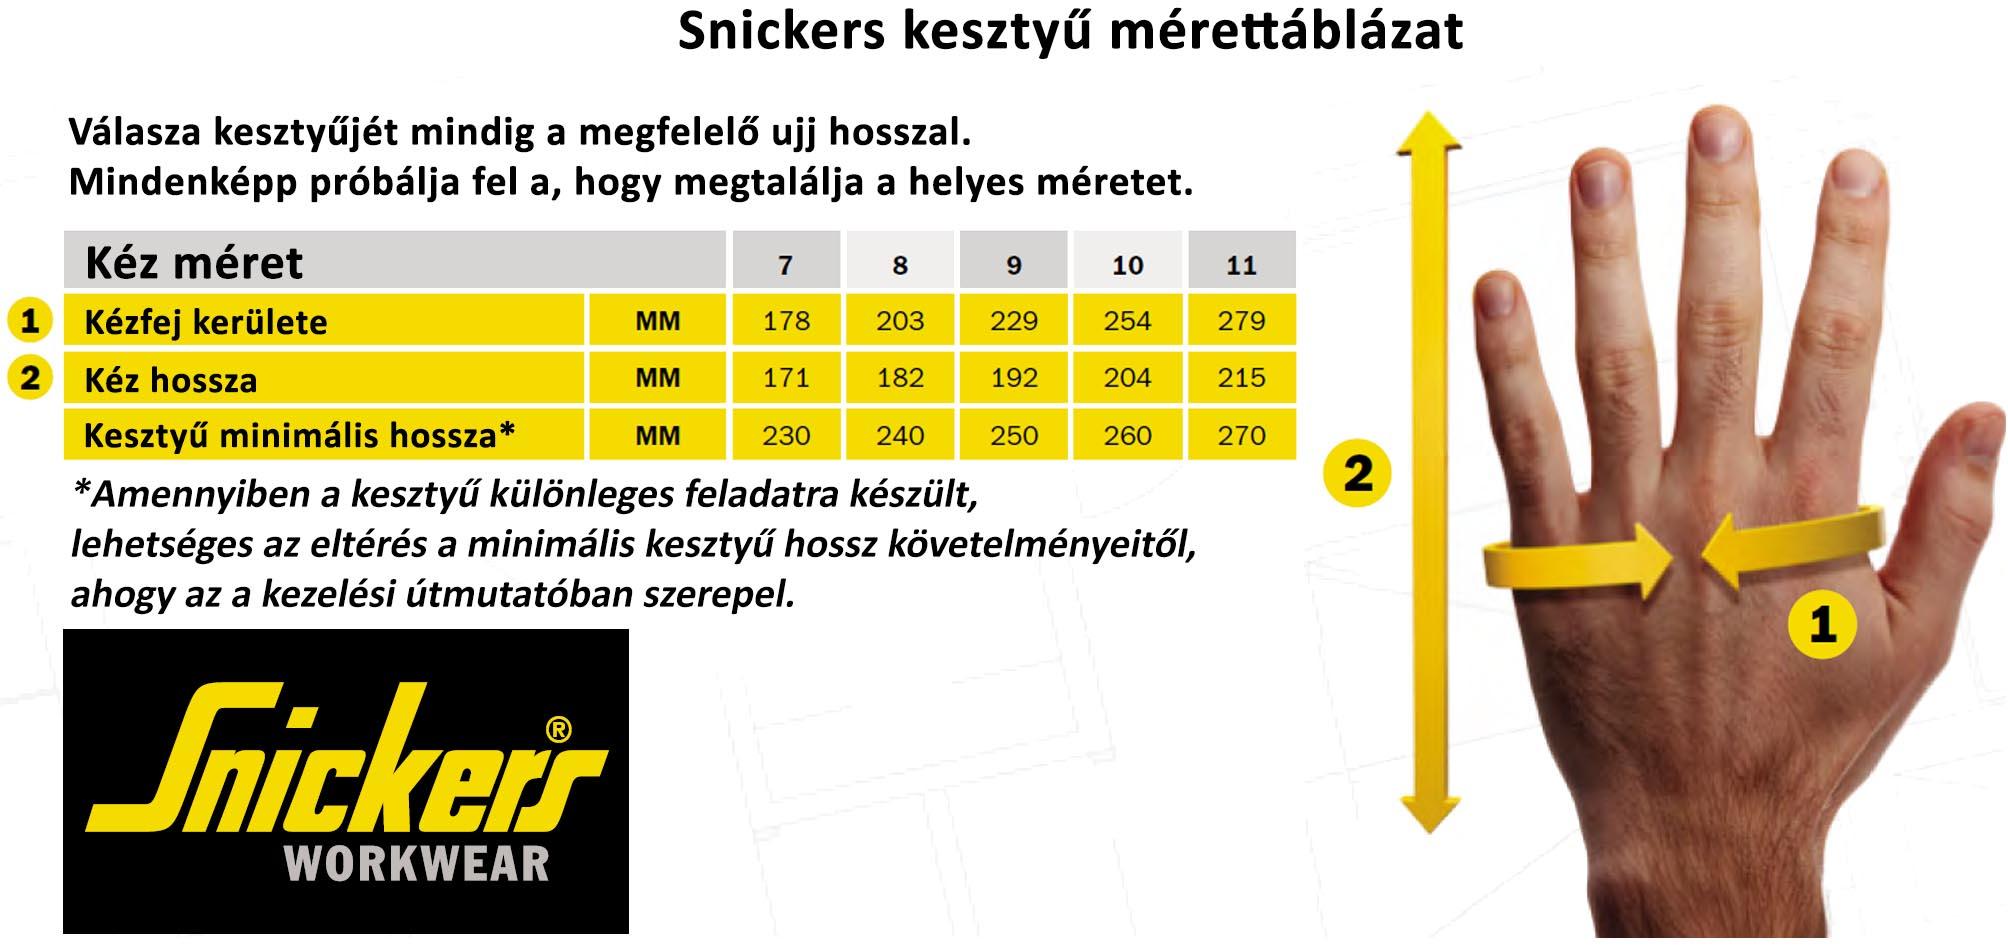 Snickers kesztűk mérettáblázat